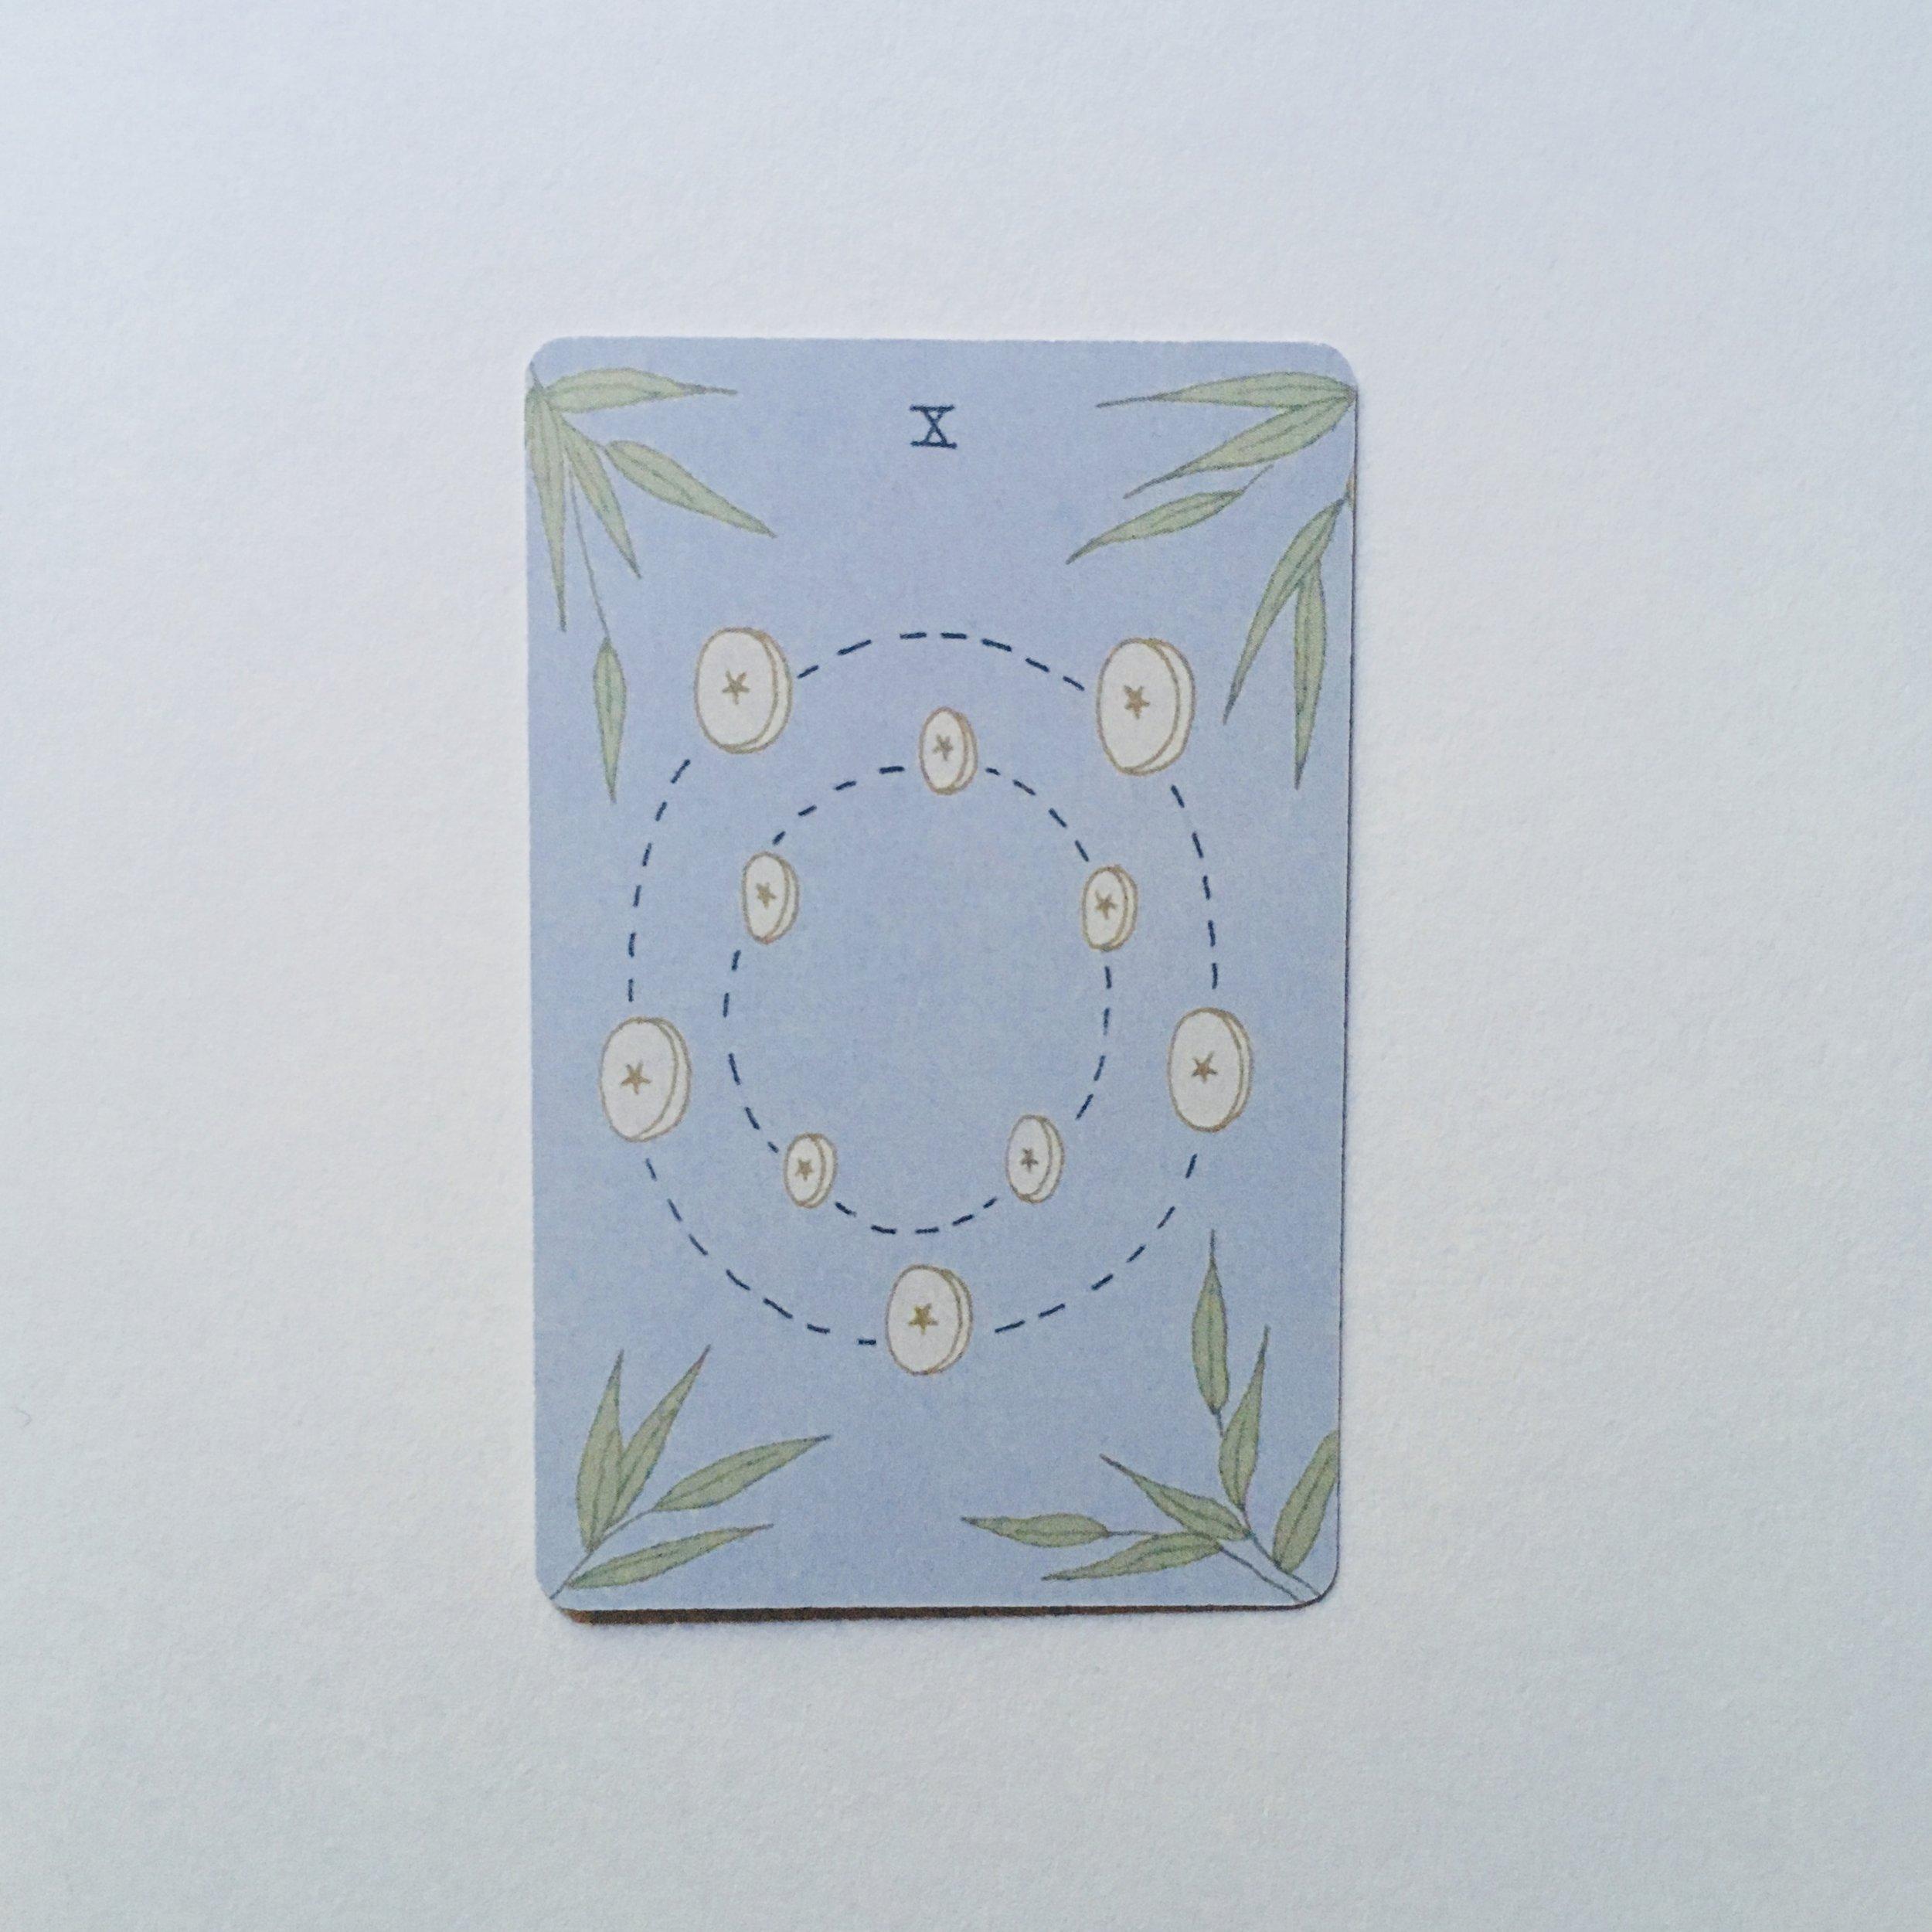 Ten of Pentacles, Mesquite Tarot